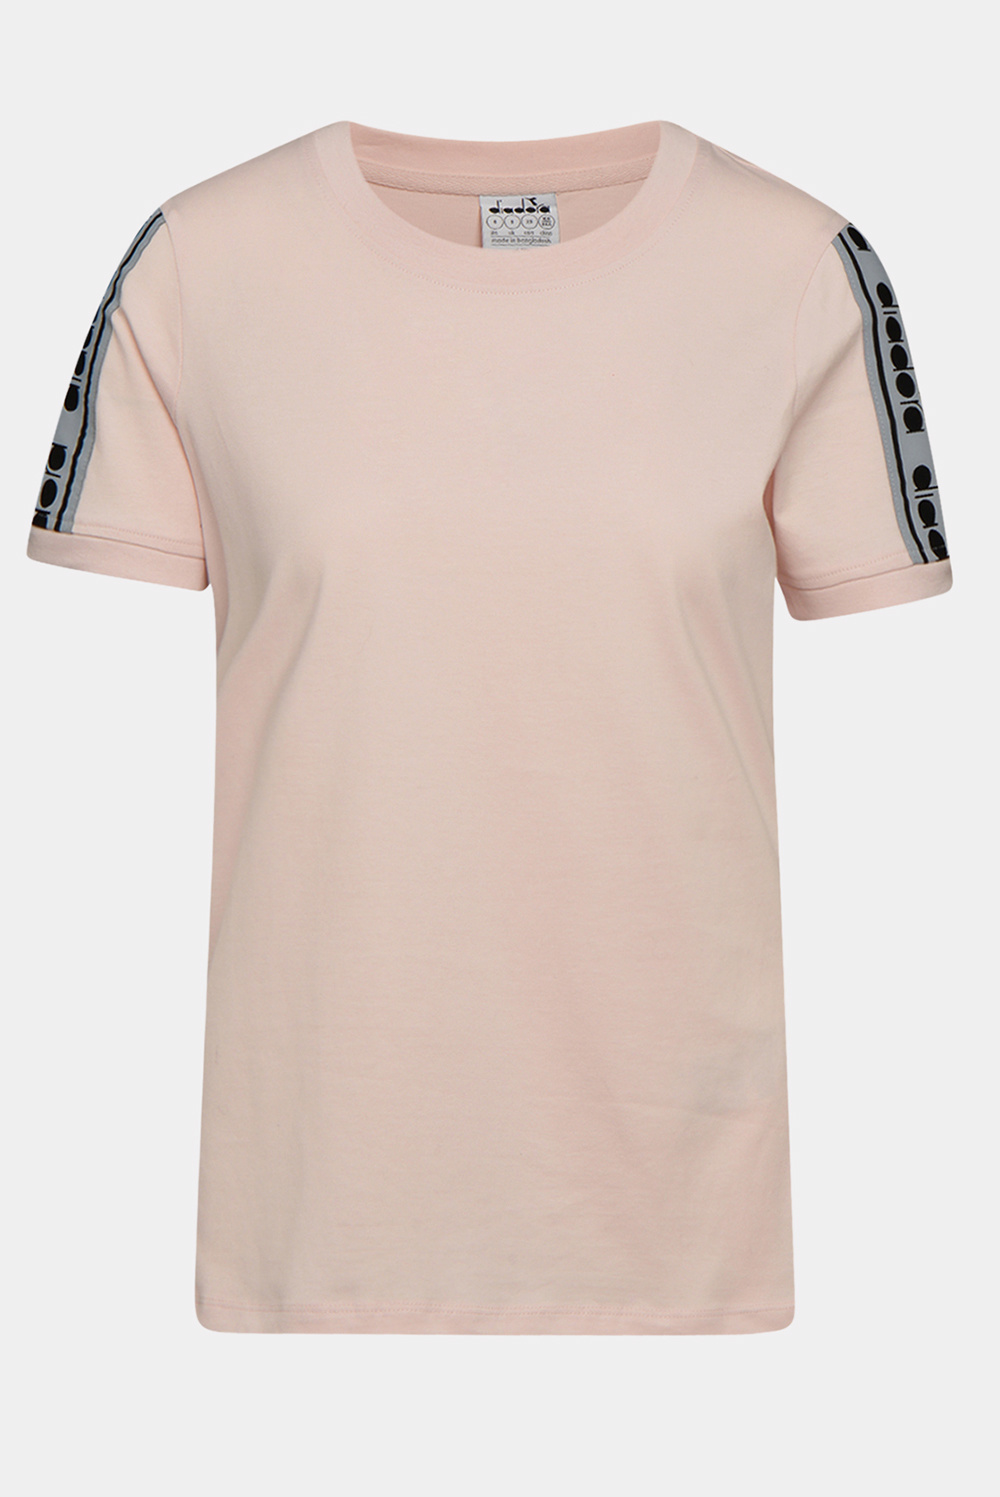 Diadora Heritage t-shirt Trofeo 502.175812 roze